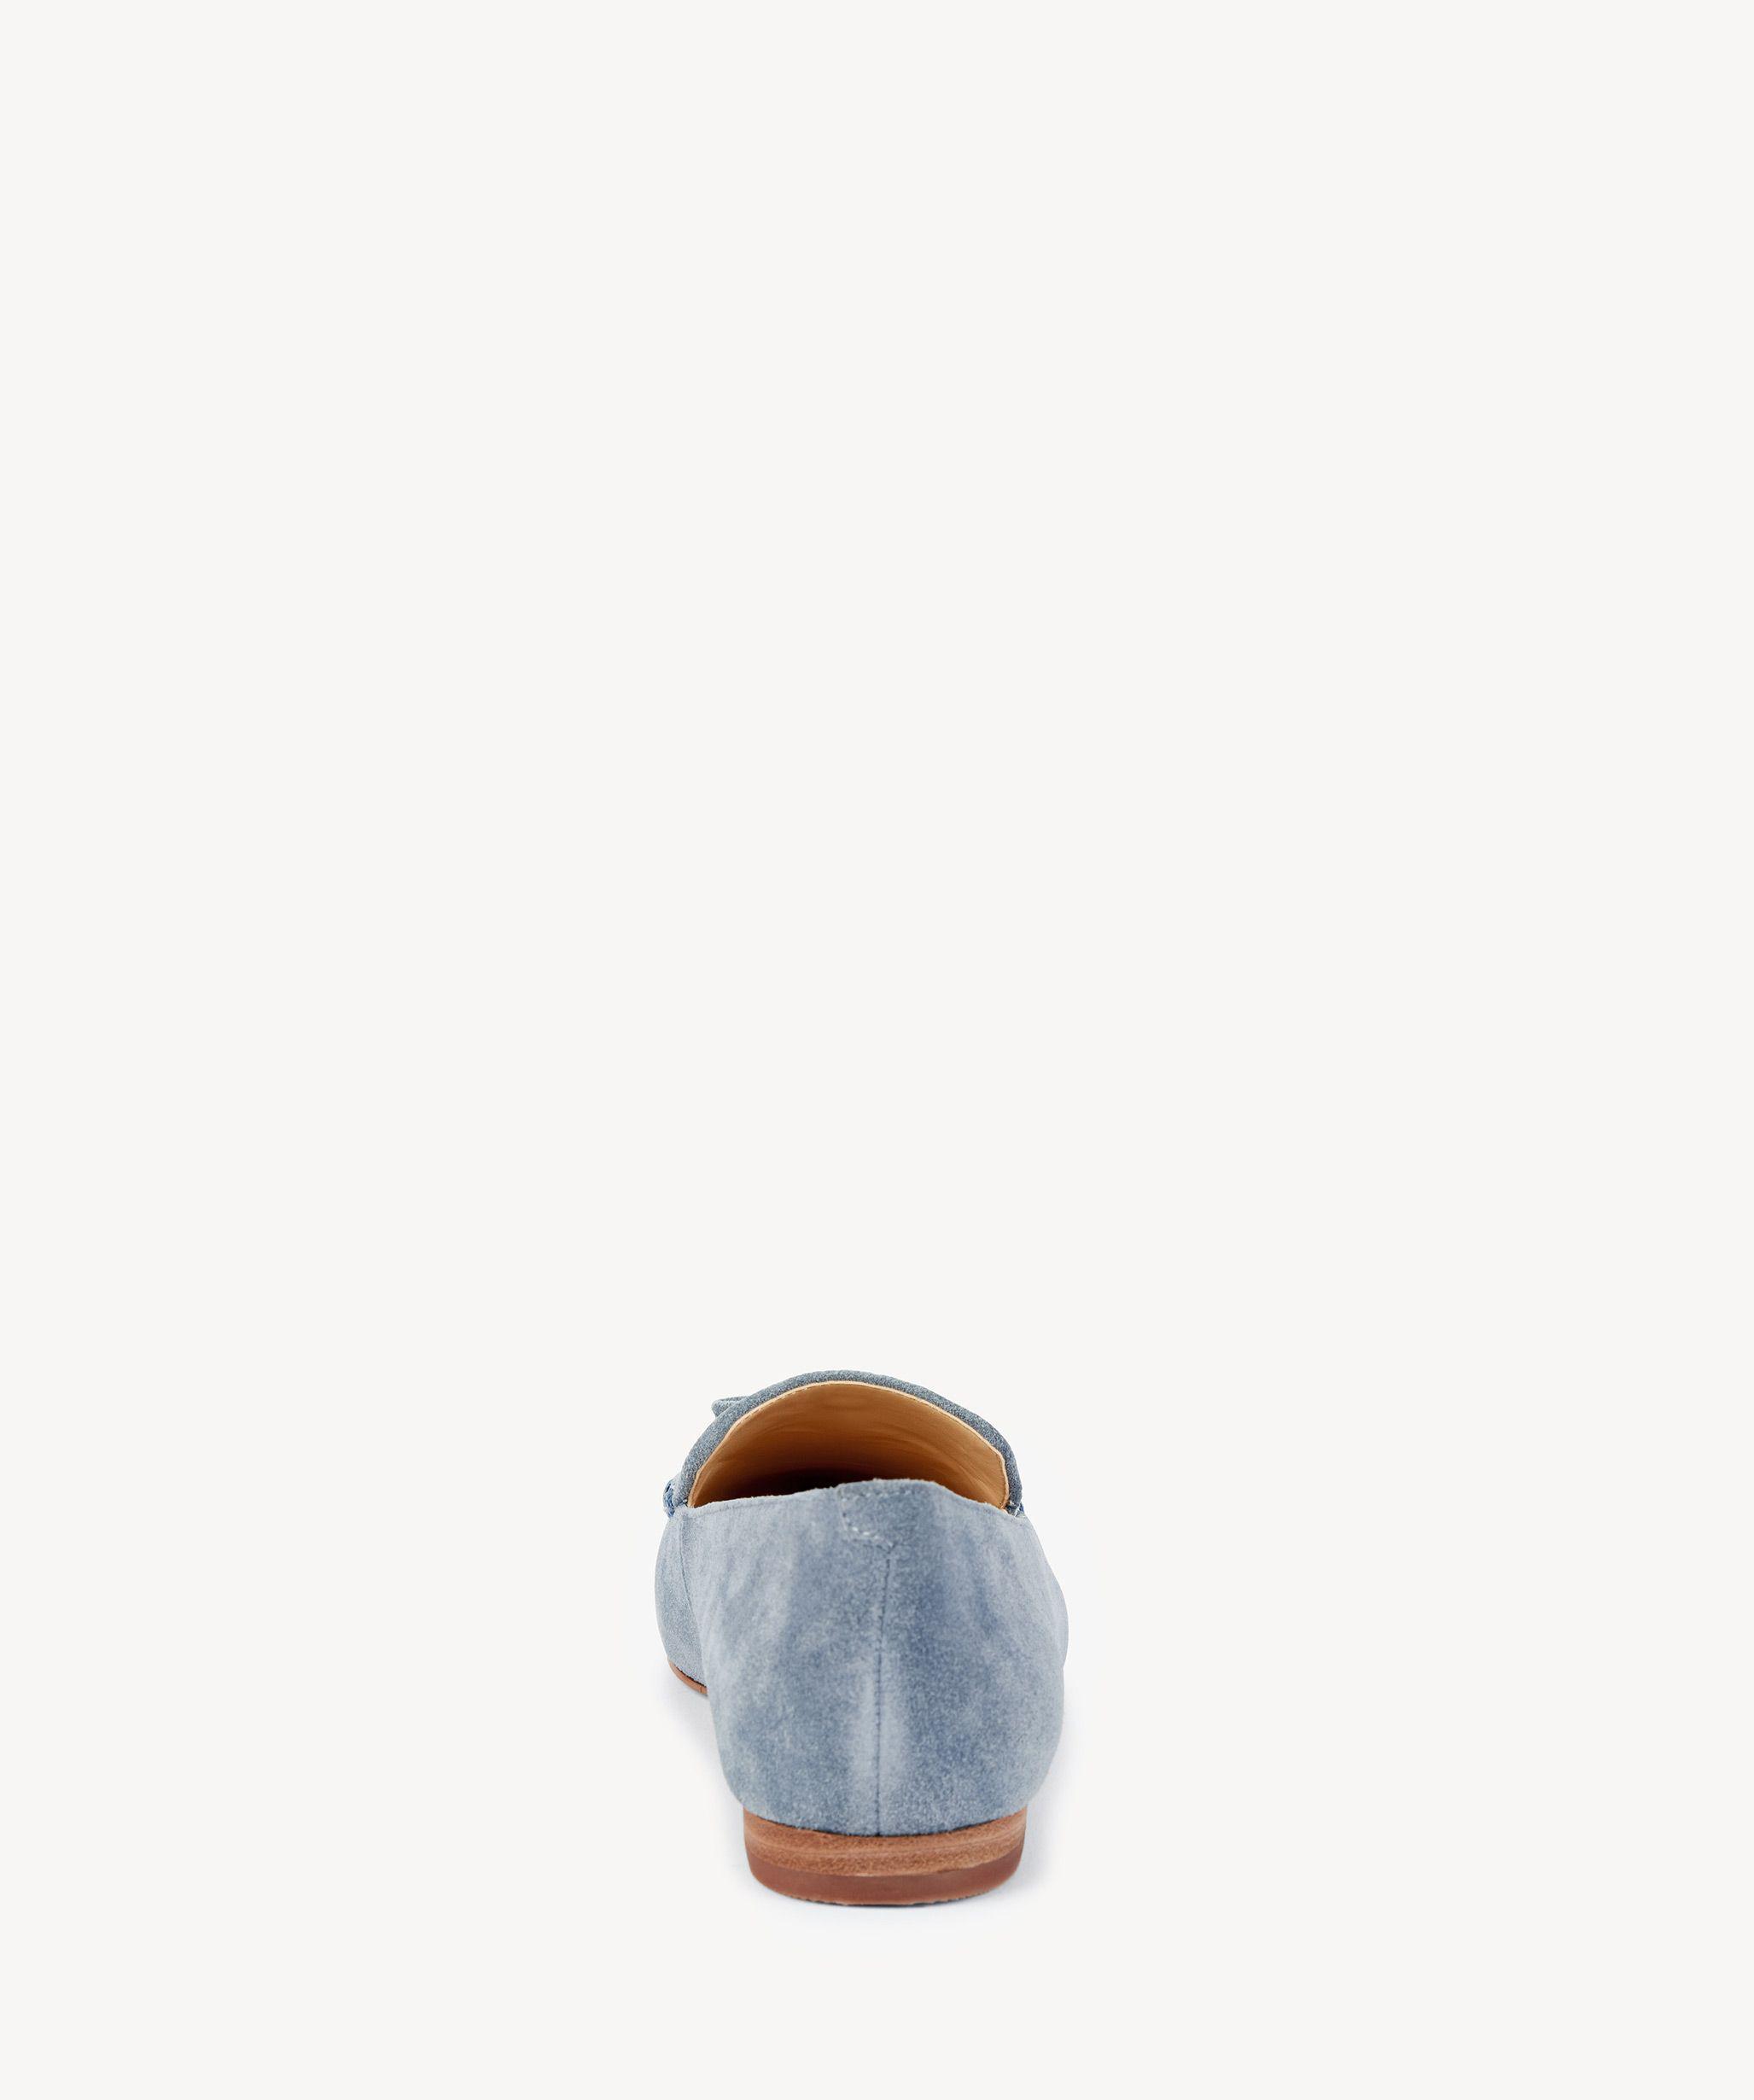 da40fef1413 Sole Society - Blue Hadlee Tassel Loafer - Lyst. View fullscreen